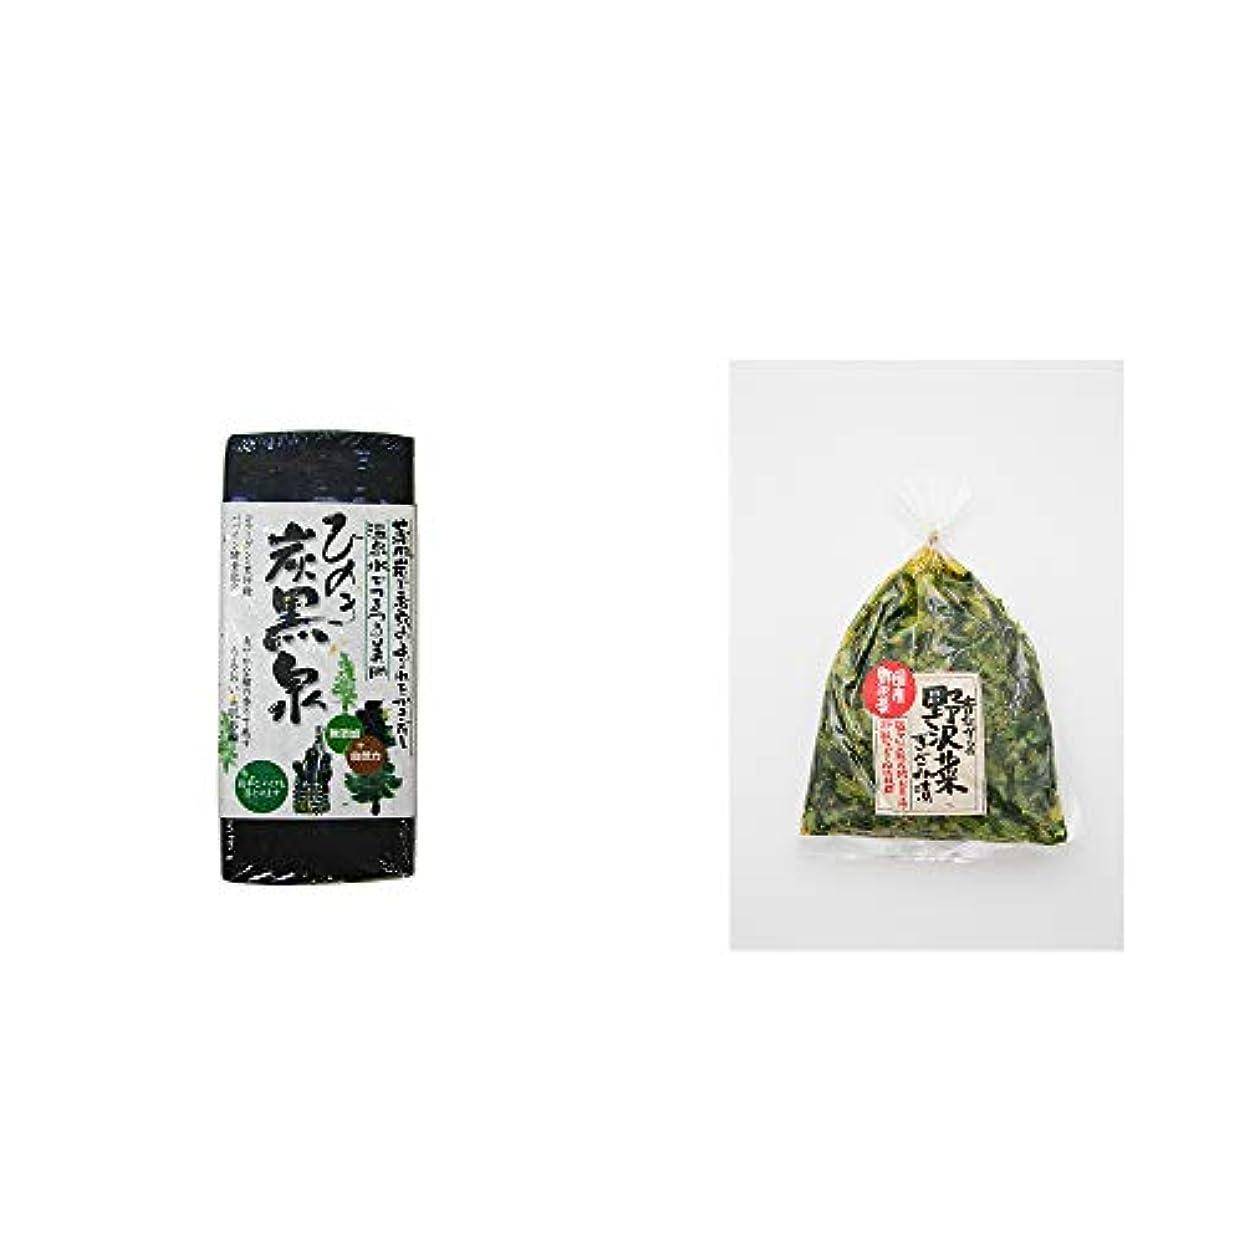 船外嵐の咽頭[2点セット] ひのき炭黒泉(75g×2)?国産 昔ながらの野沢菜きざみ漬け(150g)